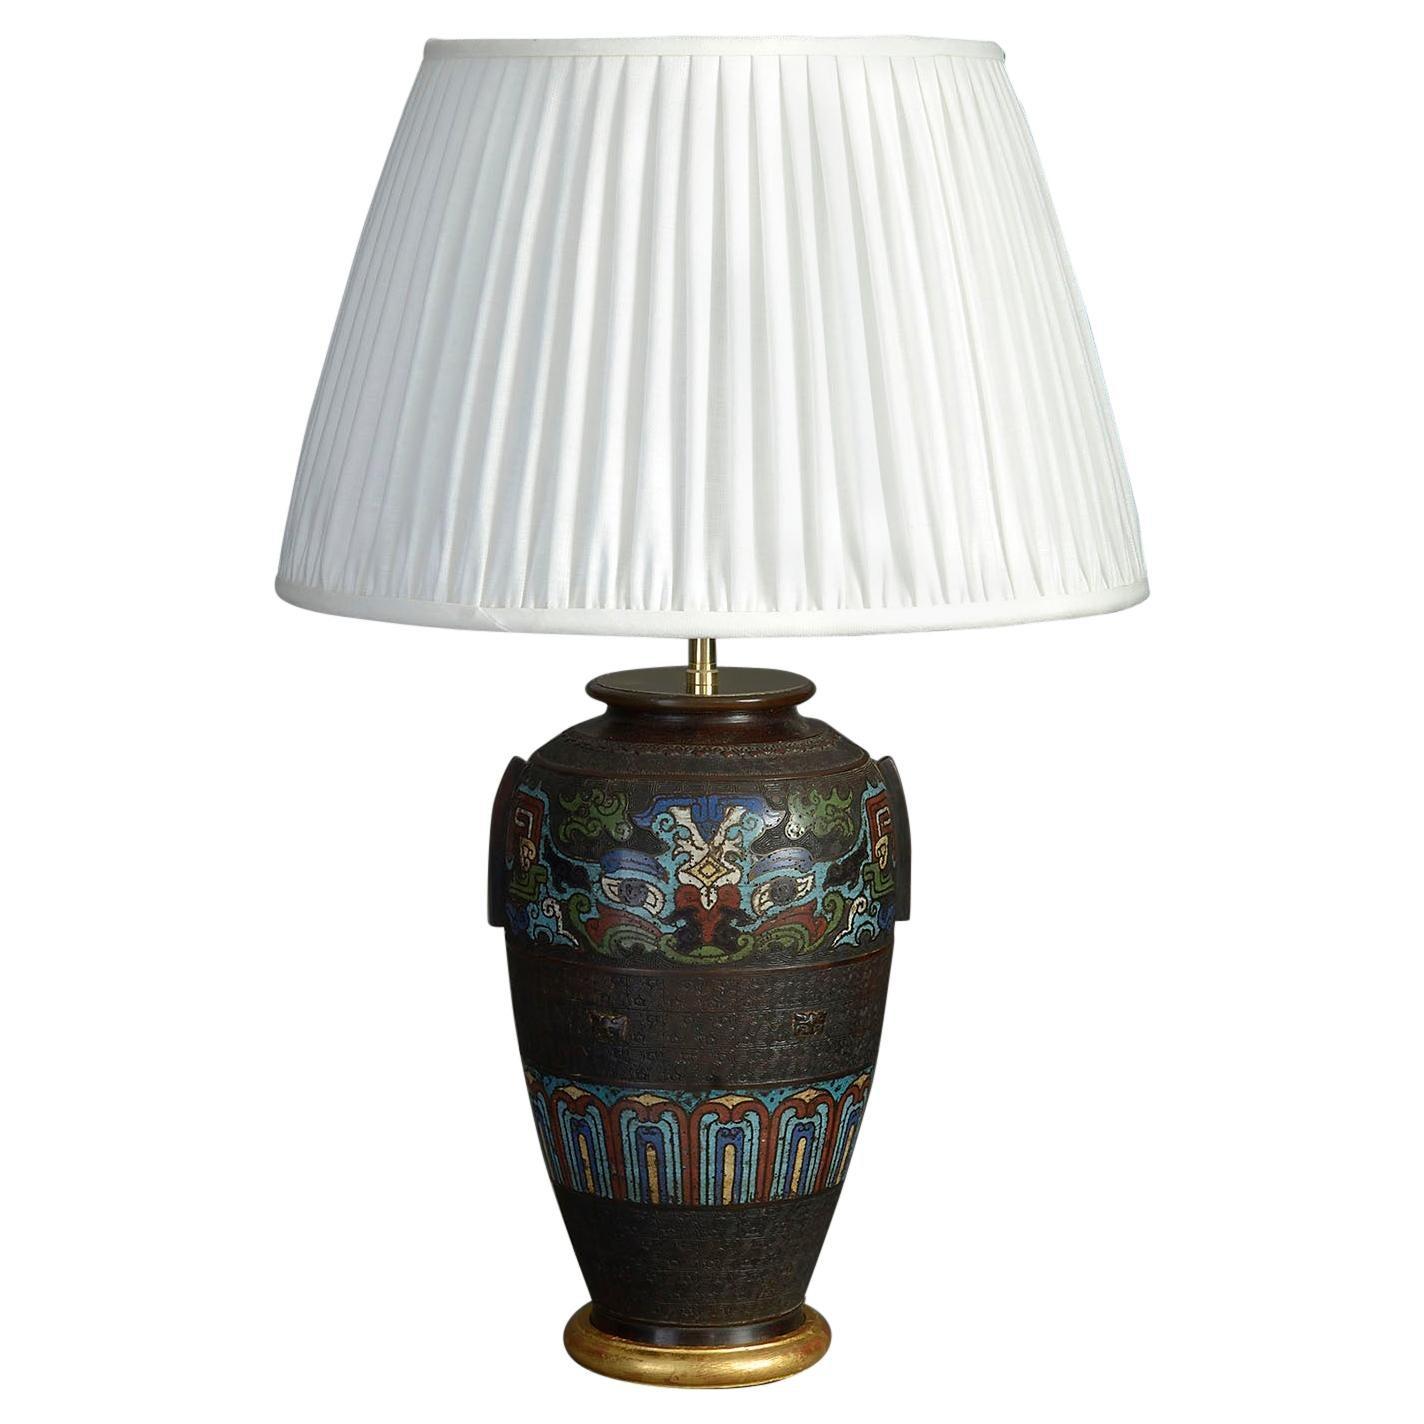 Late 19th Century Famille Noire Porcelain Vase